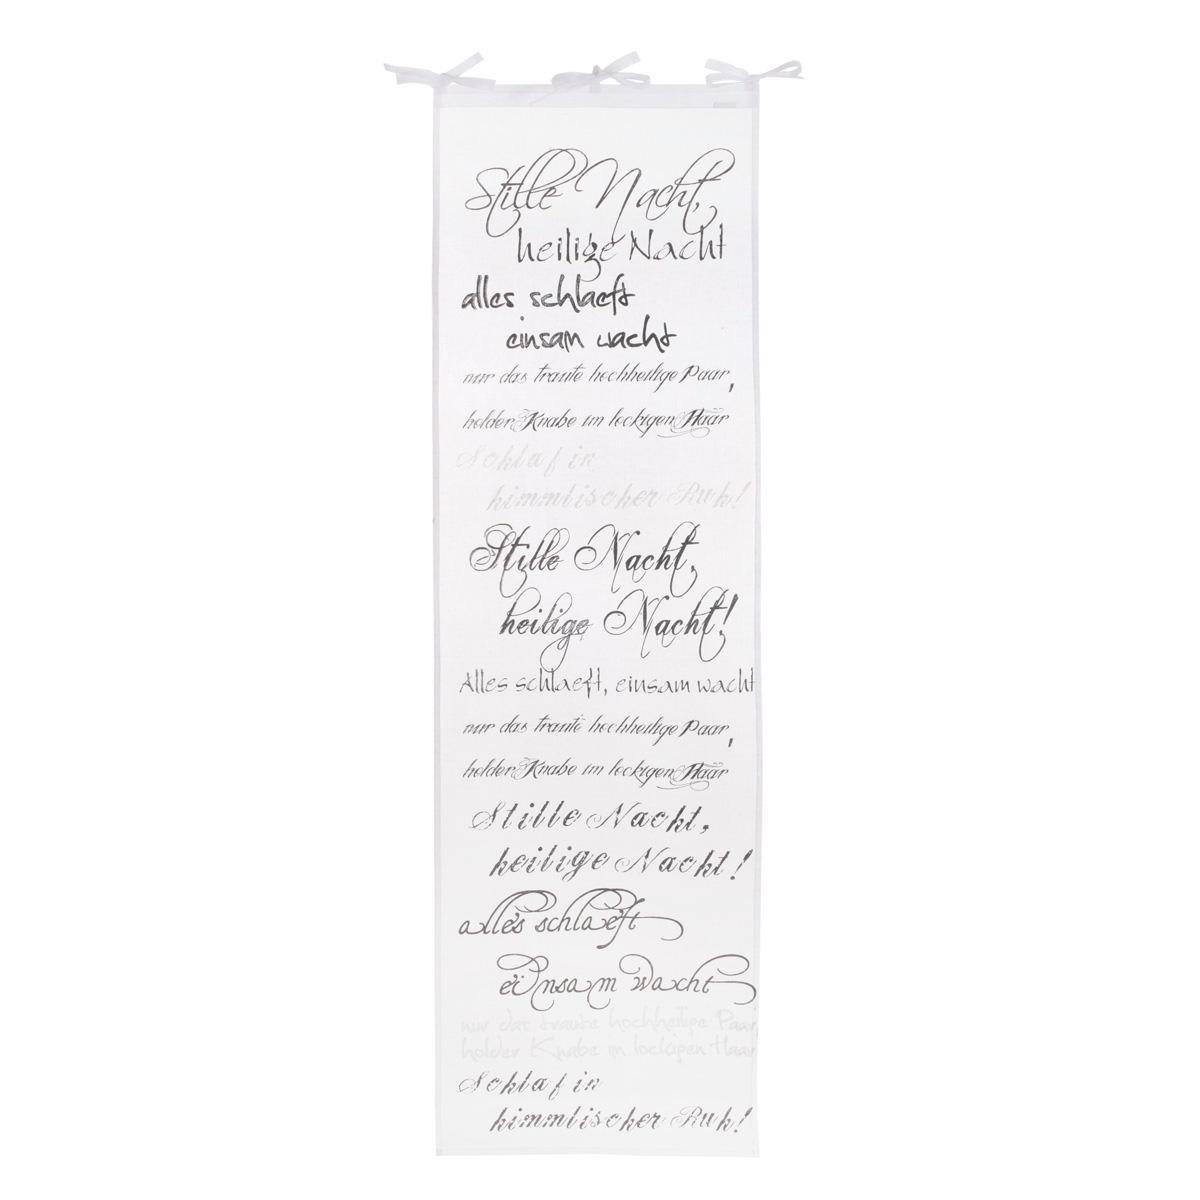 Organdy Vorhang, transparent, Baumwolle (Impressionen)